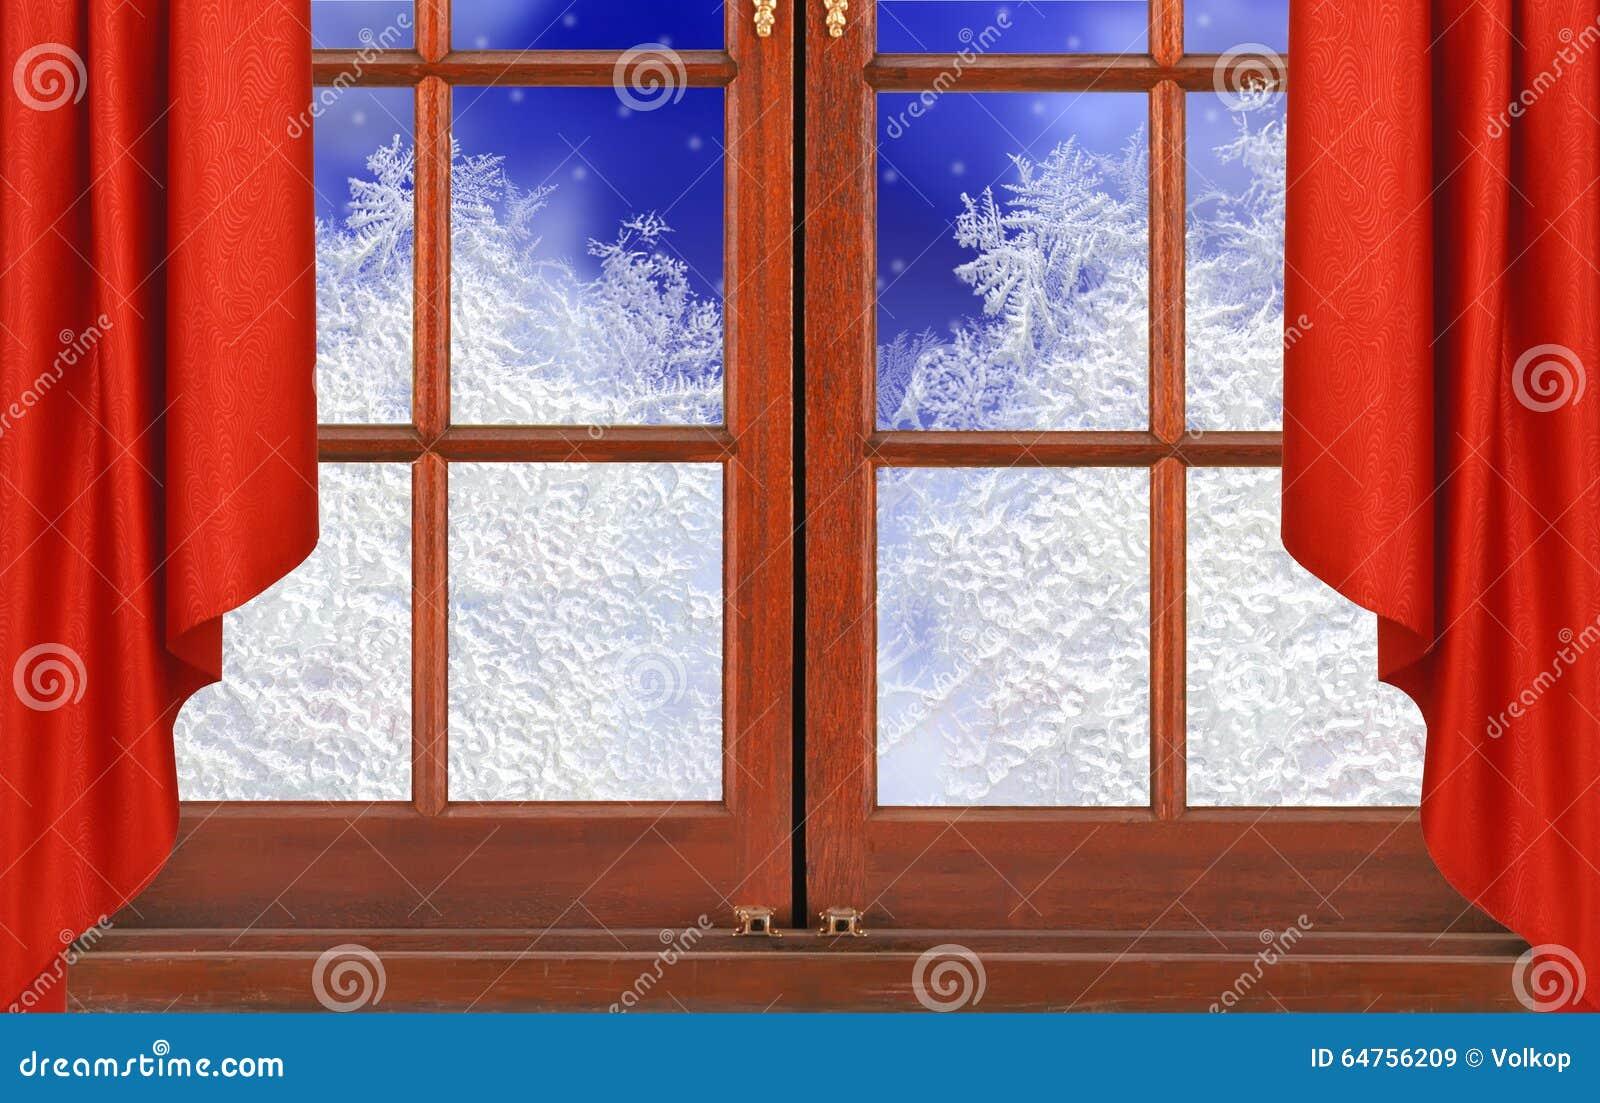 Finestra con la natura della neve di notte e del gelo for Piano del telaio della finestra